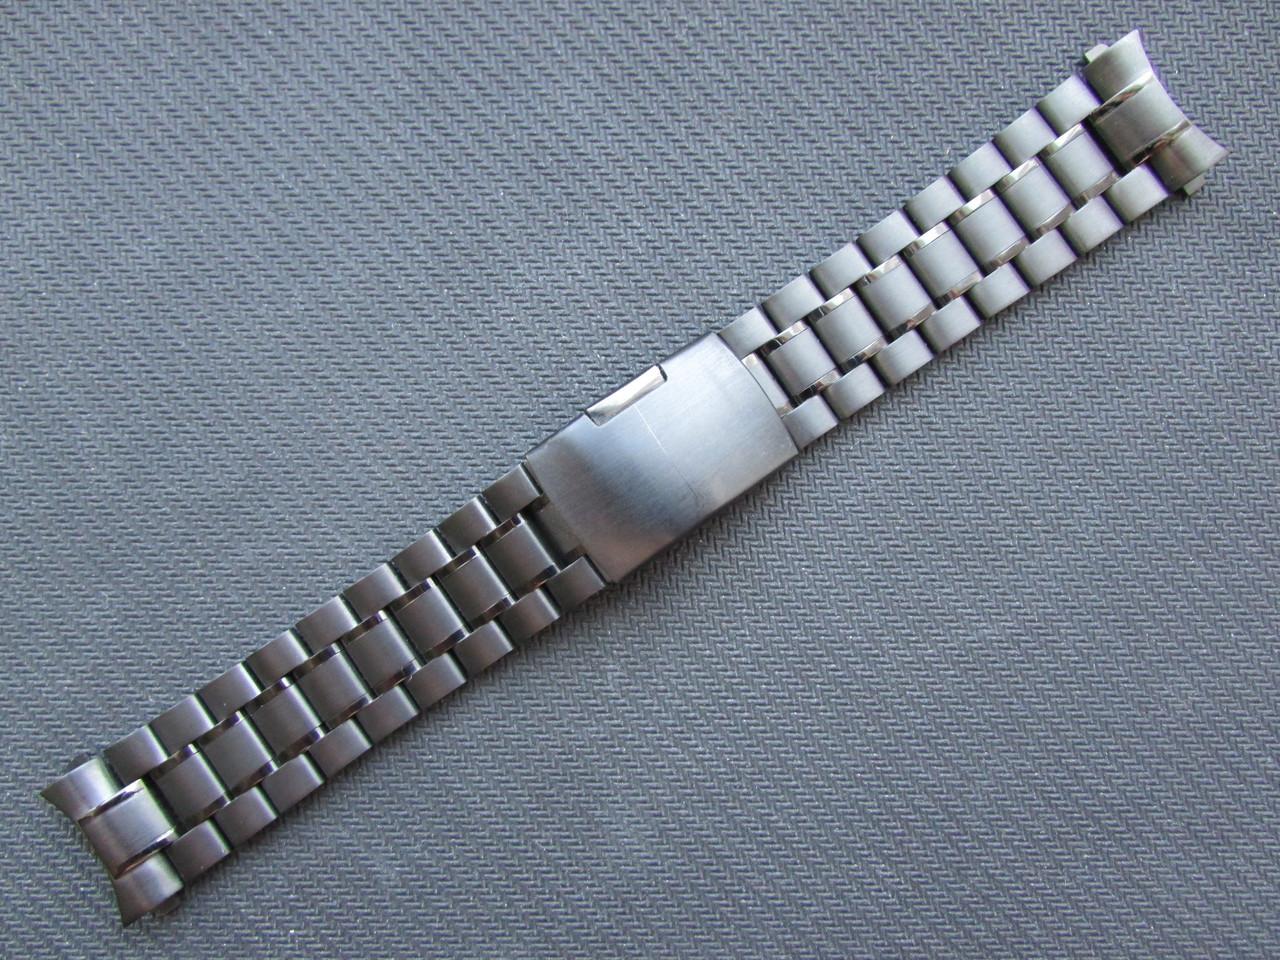 Браслет для часов из нержавеющей стали, черный, литой. Заокругленный. 22-й размер.